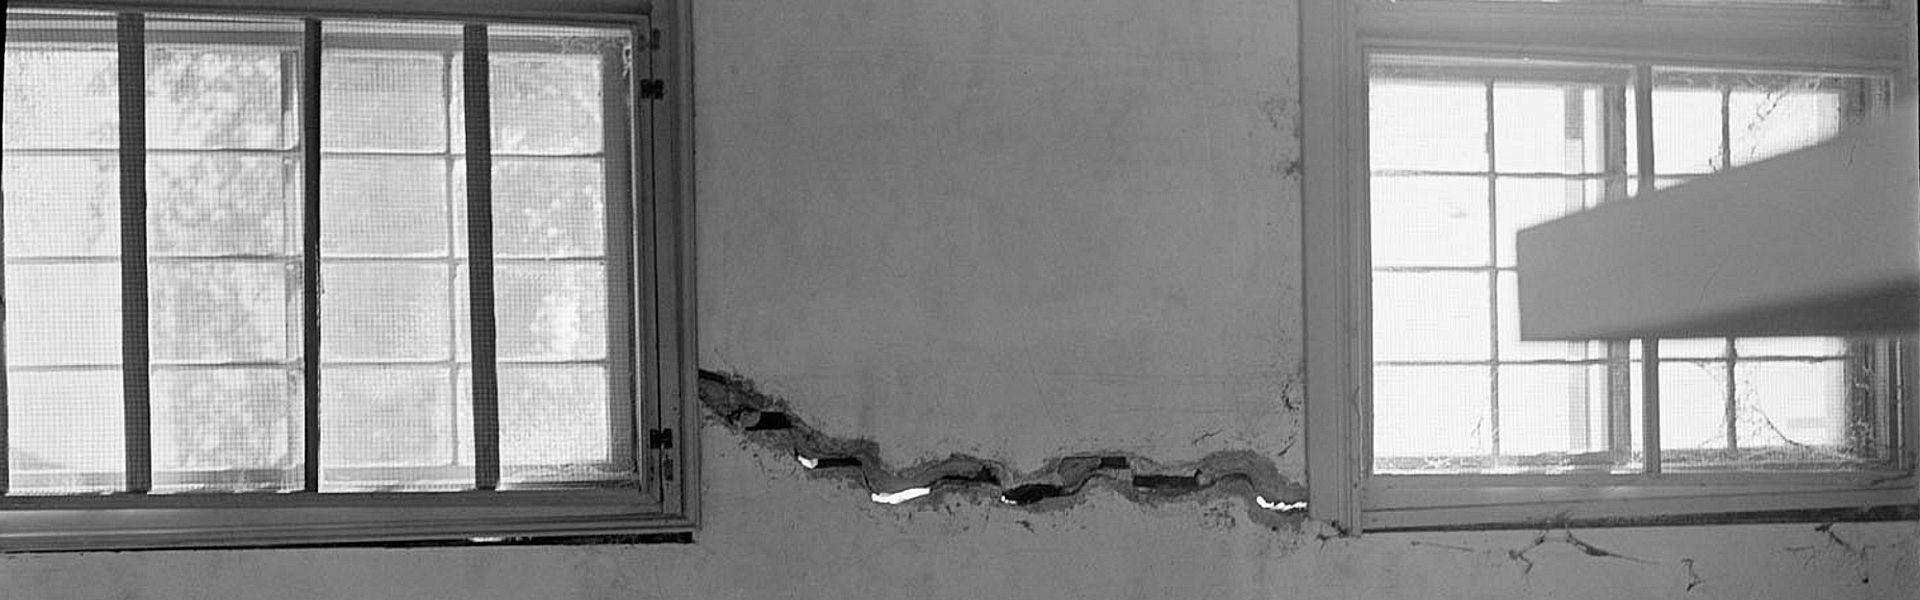 Vervallen lokaal in zwart-wit